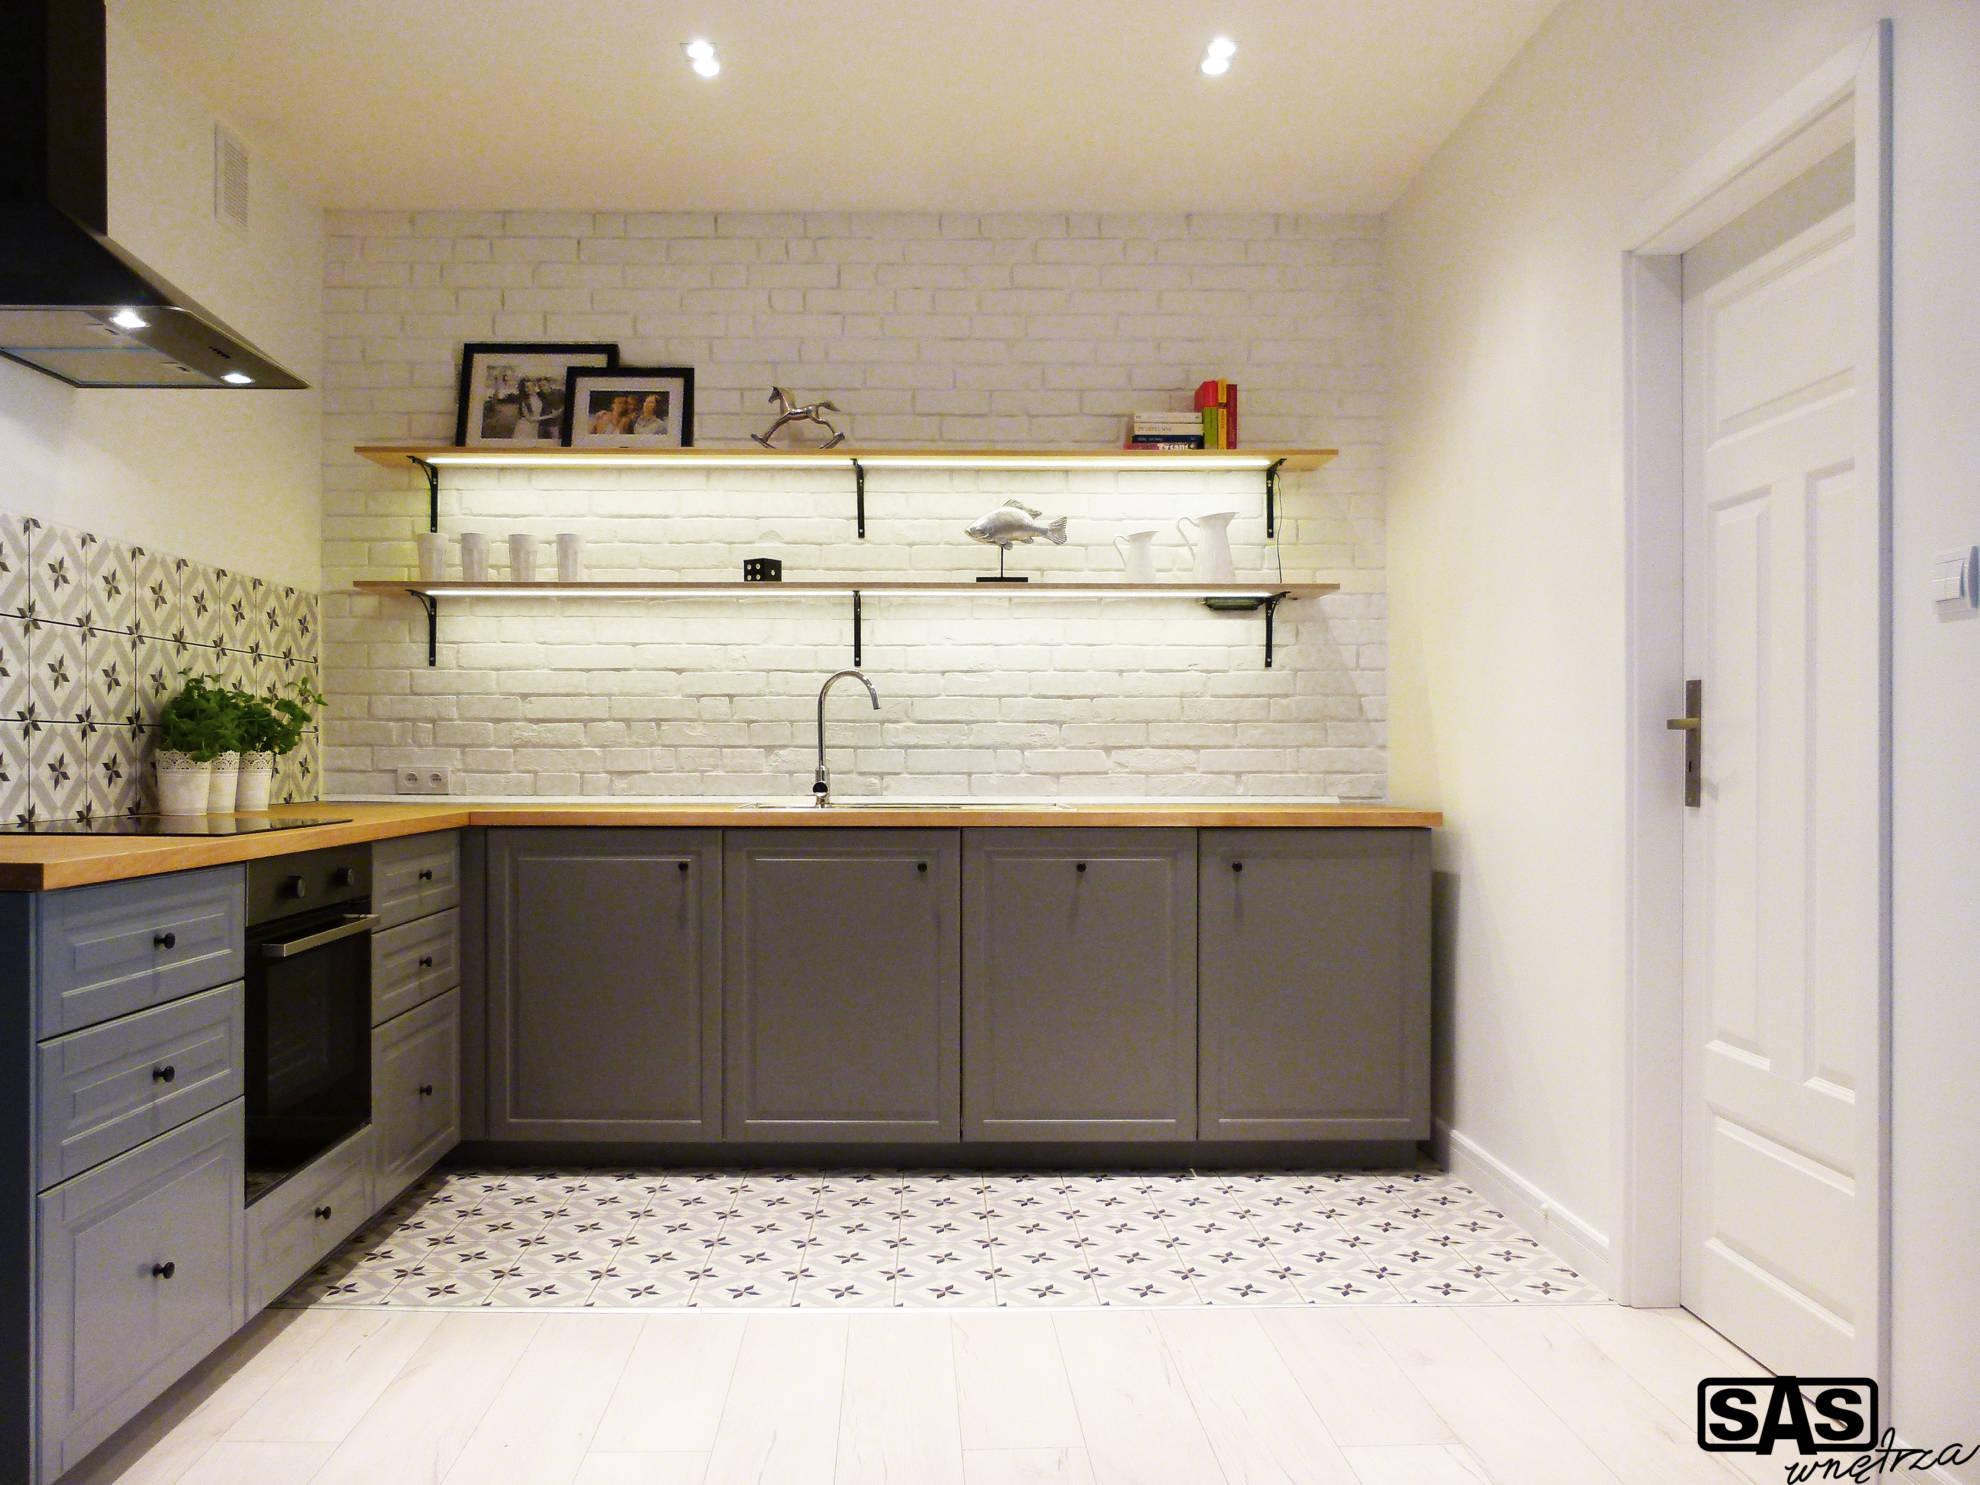 Meble kuchenne w mieszkaniu na wynajem - meble kuchenne na wymiar wykonanie SAS Wnętrza i Kuchnie - projekt architekt wnętrz Emilia Strzempek Plasun.